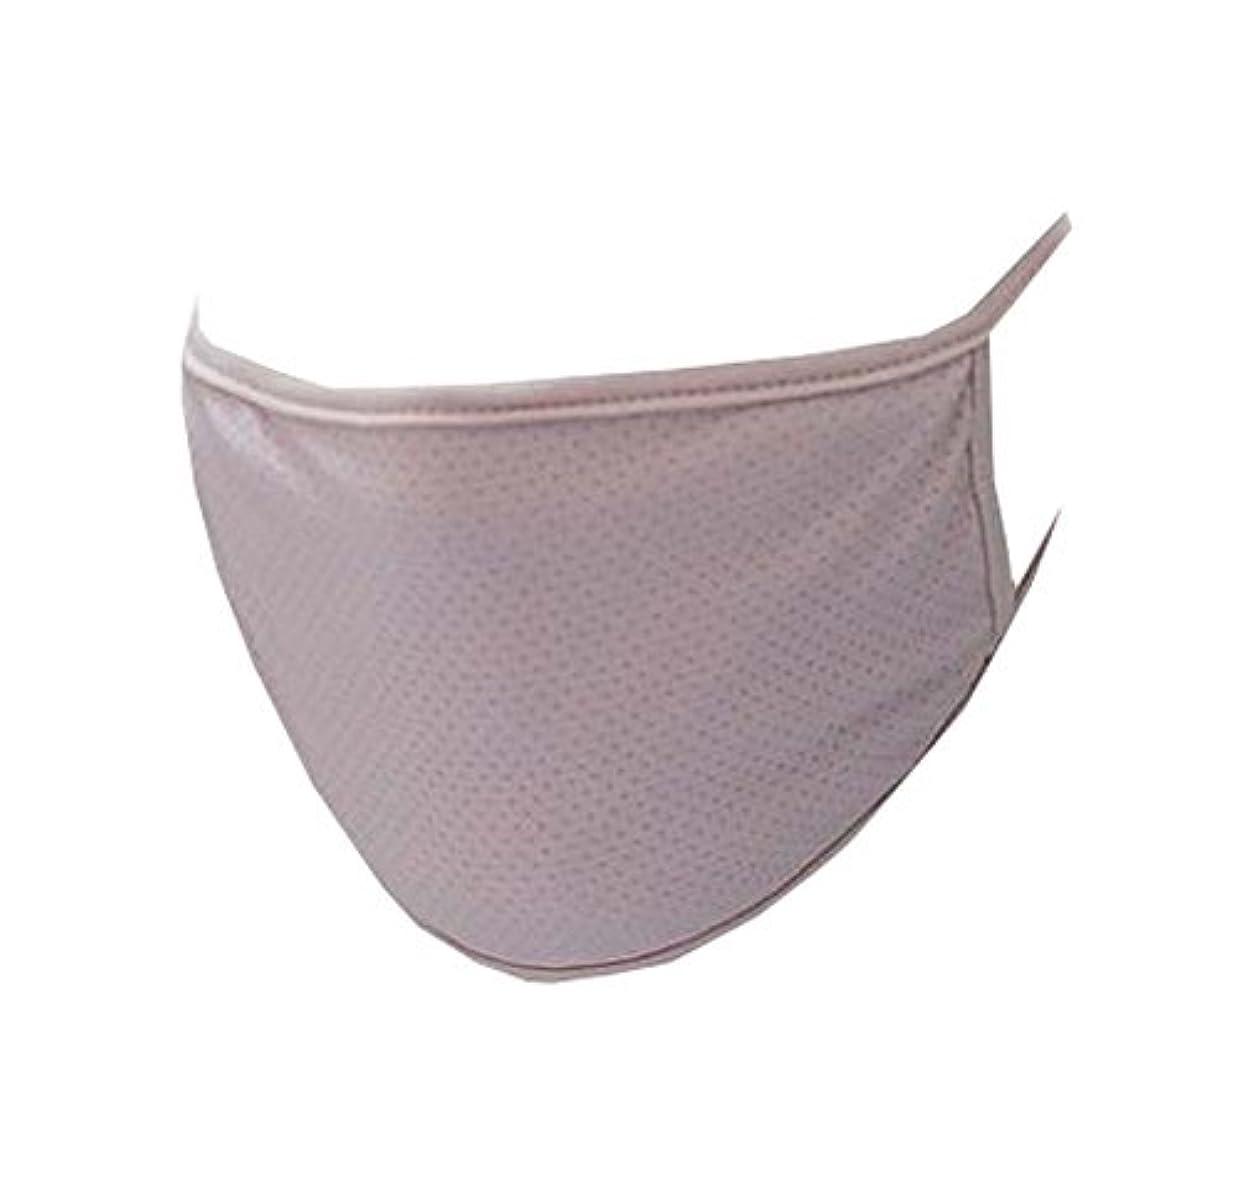 出発動力学レベル口マスク、再使用可能フィルター - 埃、花粉、アレルゲン、抗UV、およびインフルエンザ菌 - F